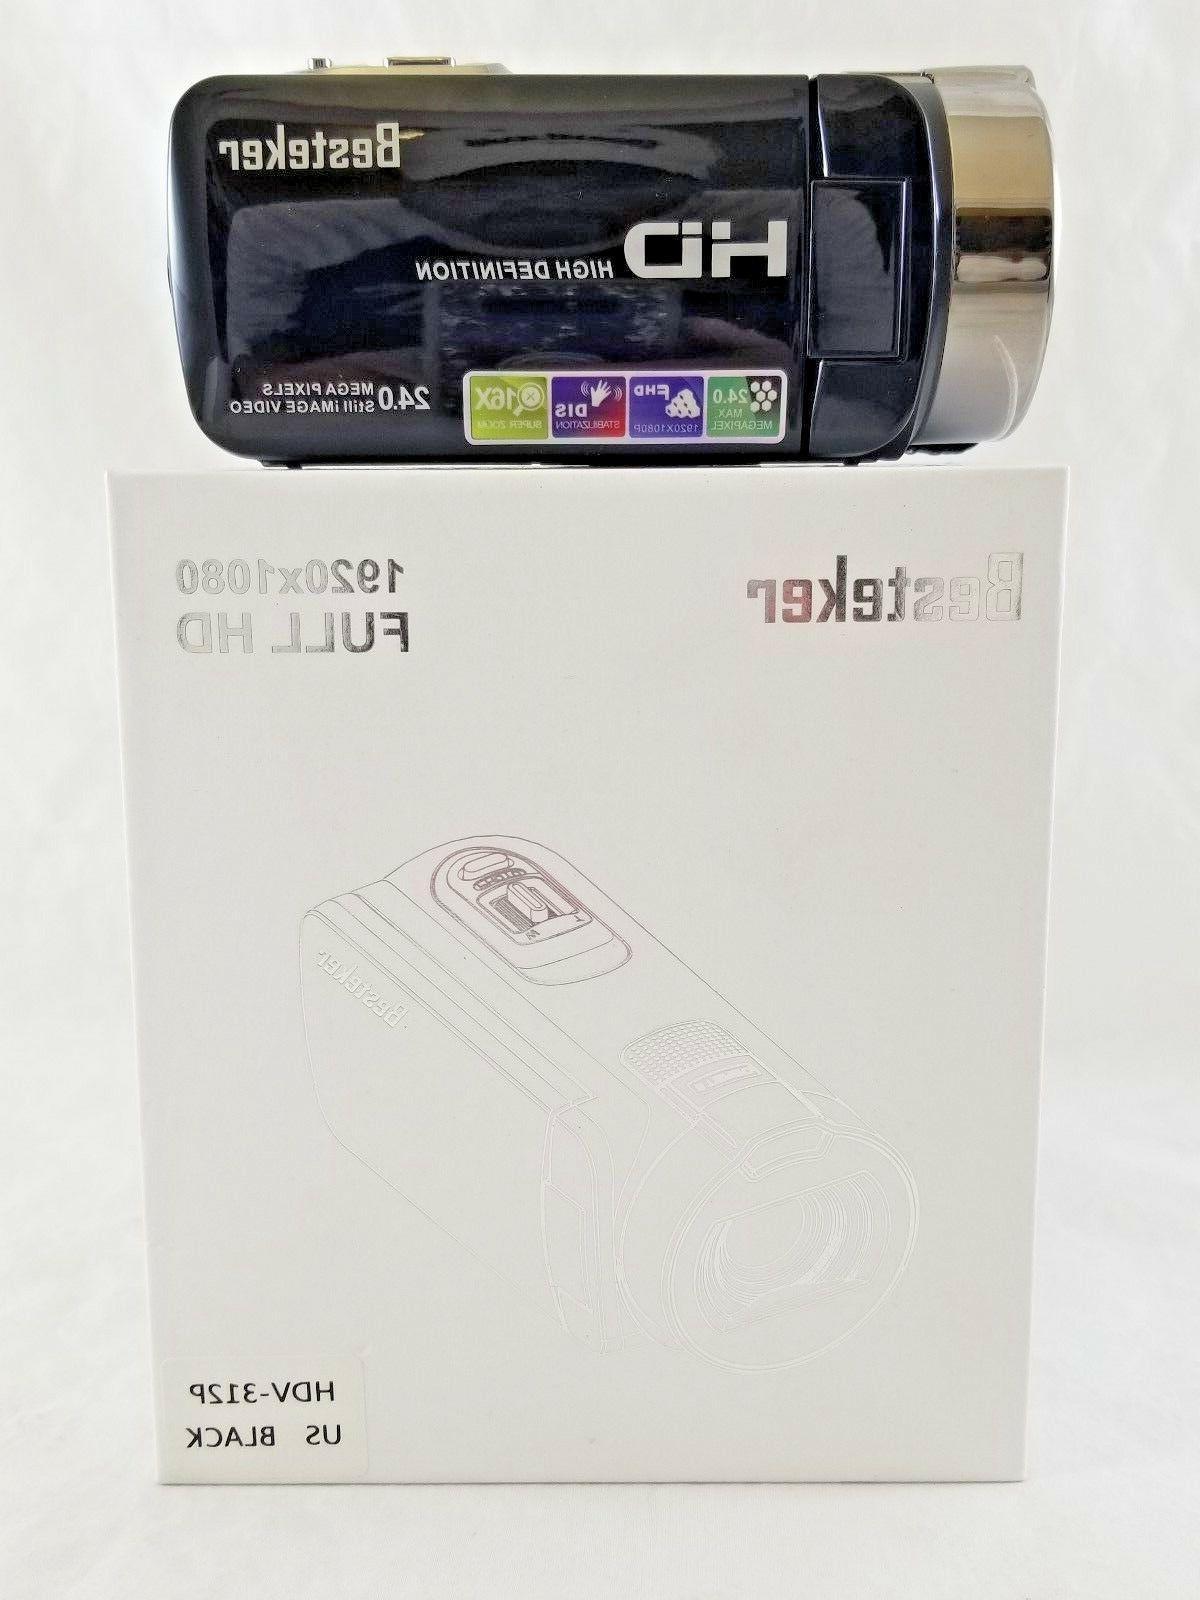 hdv 312p 1920x1080 full hd camcorder